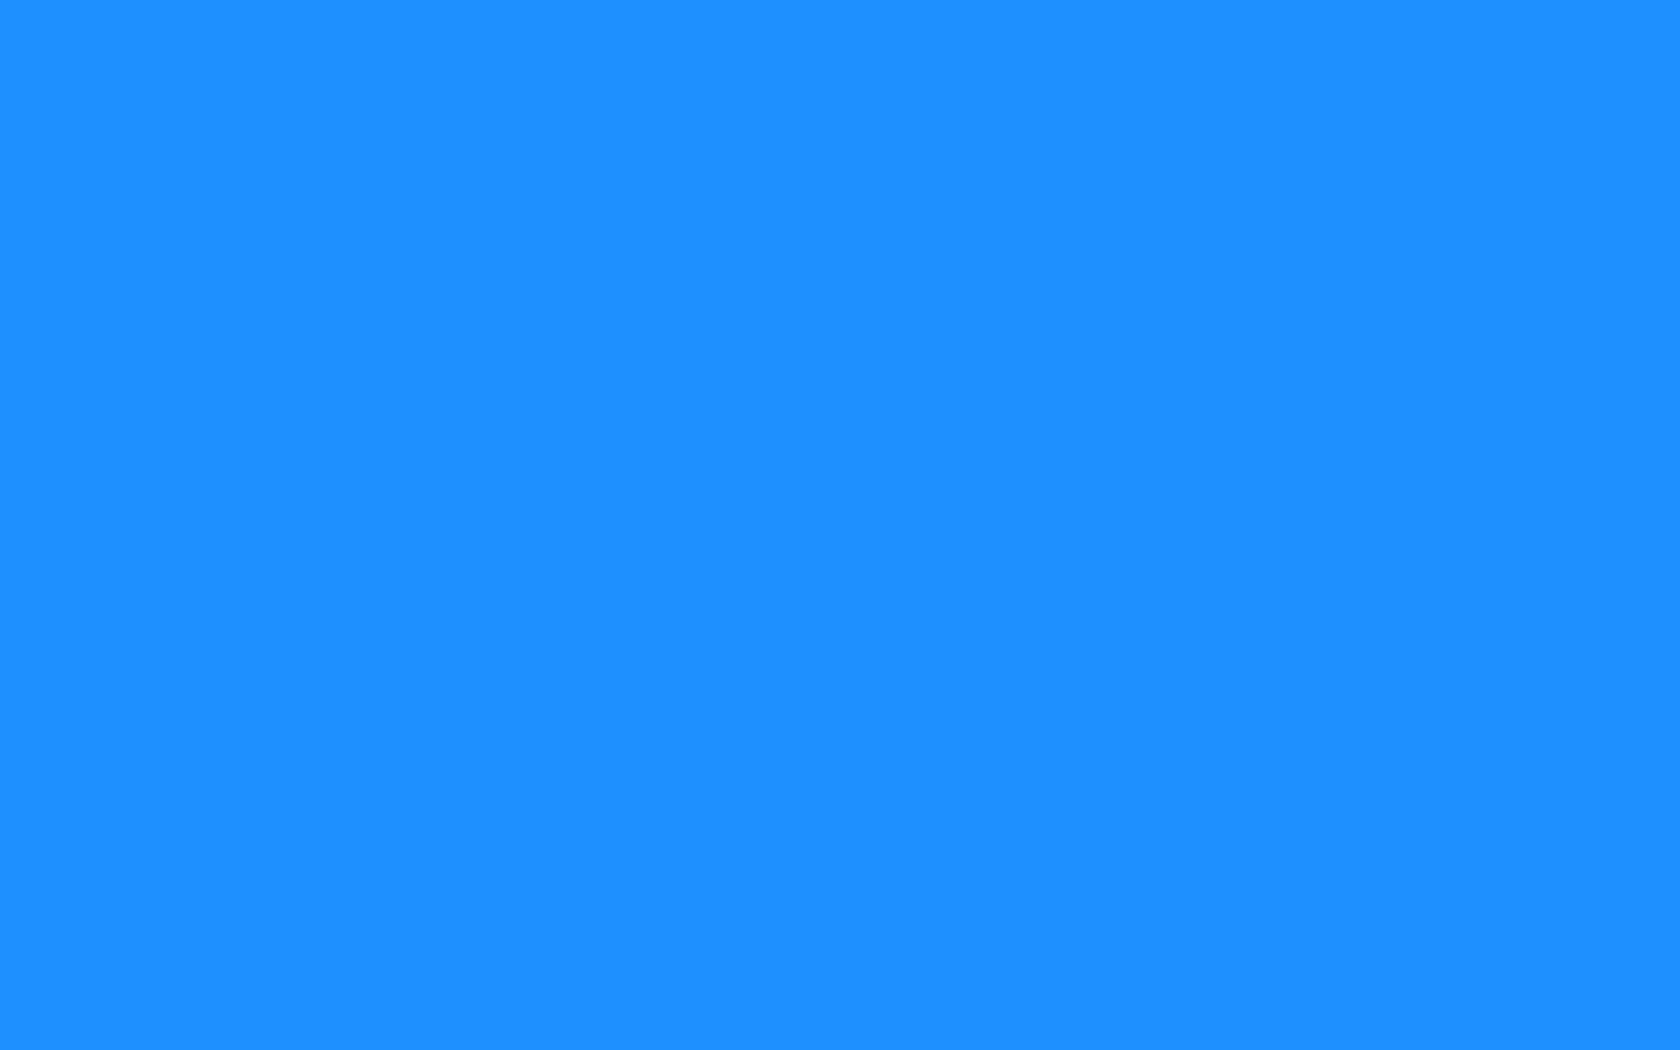 1680x1050 Dodger Blue Solid Color Background